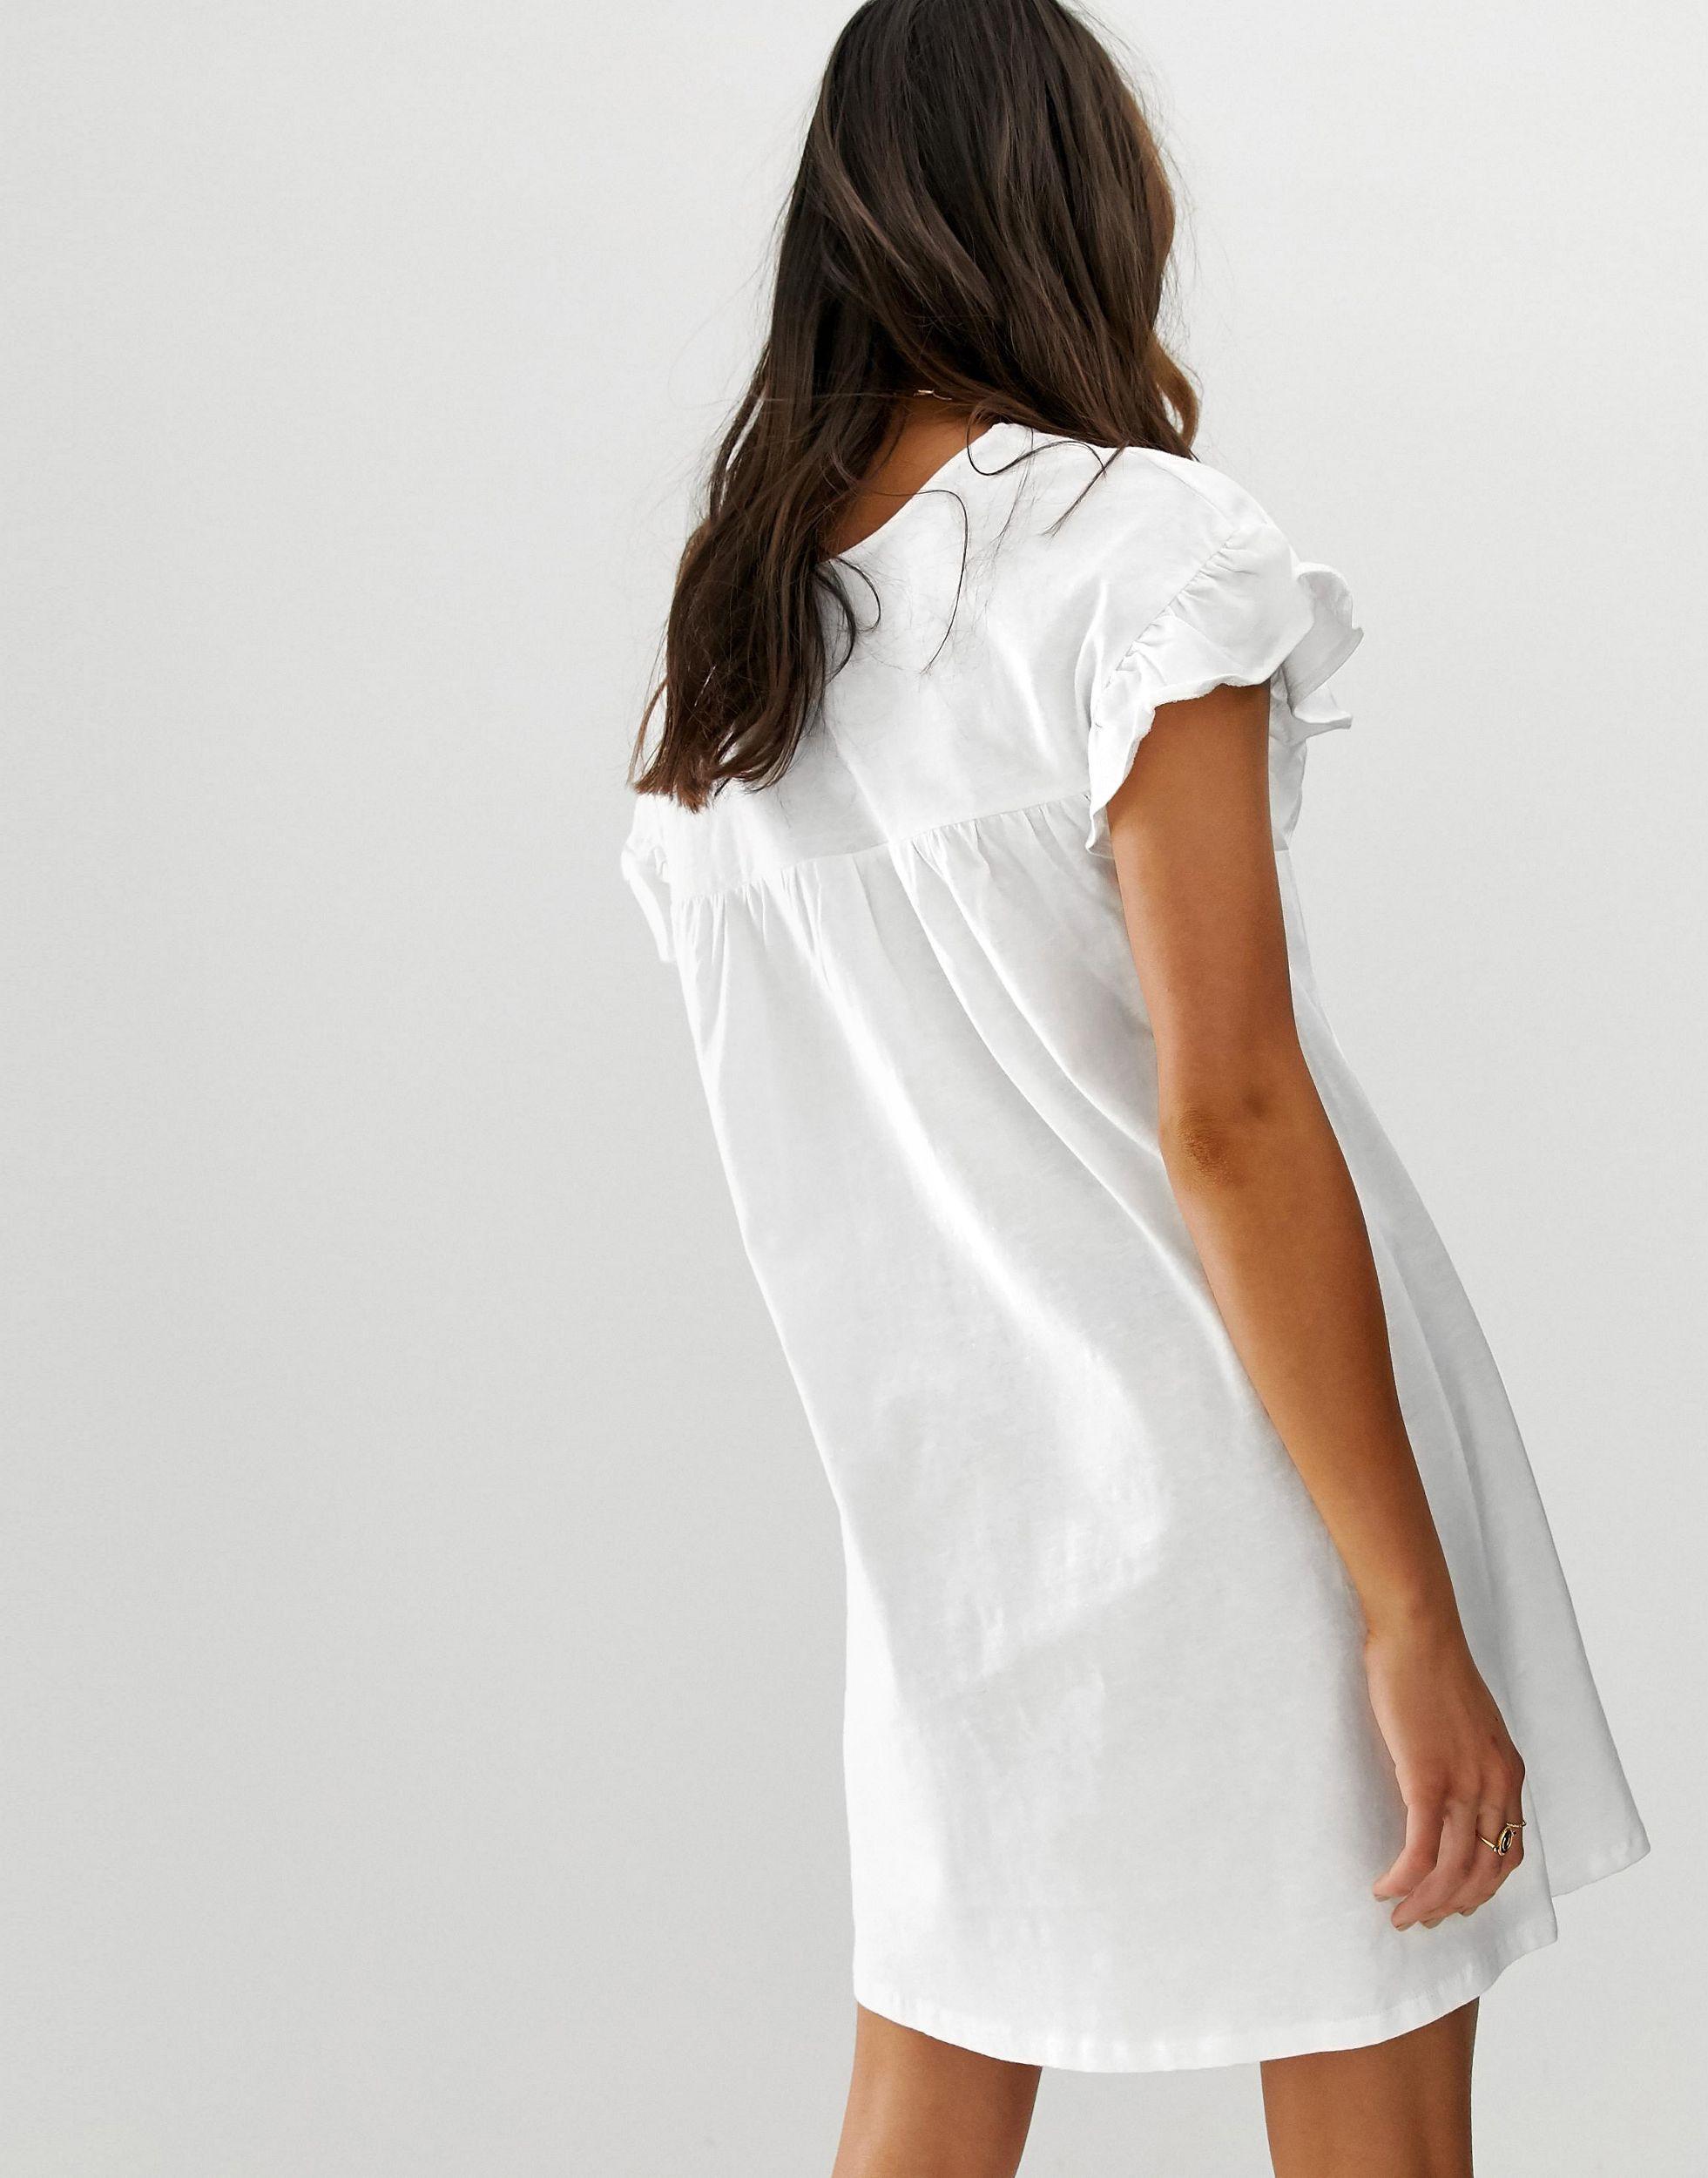 ASOS DESIGN Tall - Robe babydoll courte réversible en coton flammé Coton ASOS en coloris Blanc